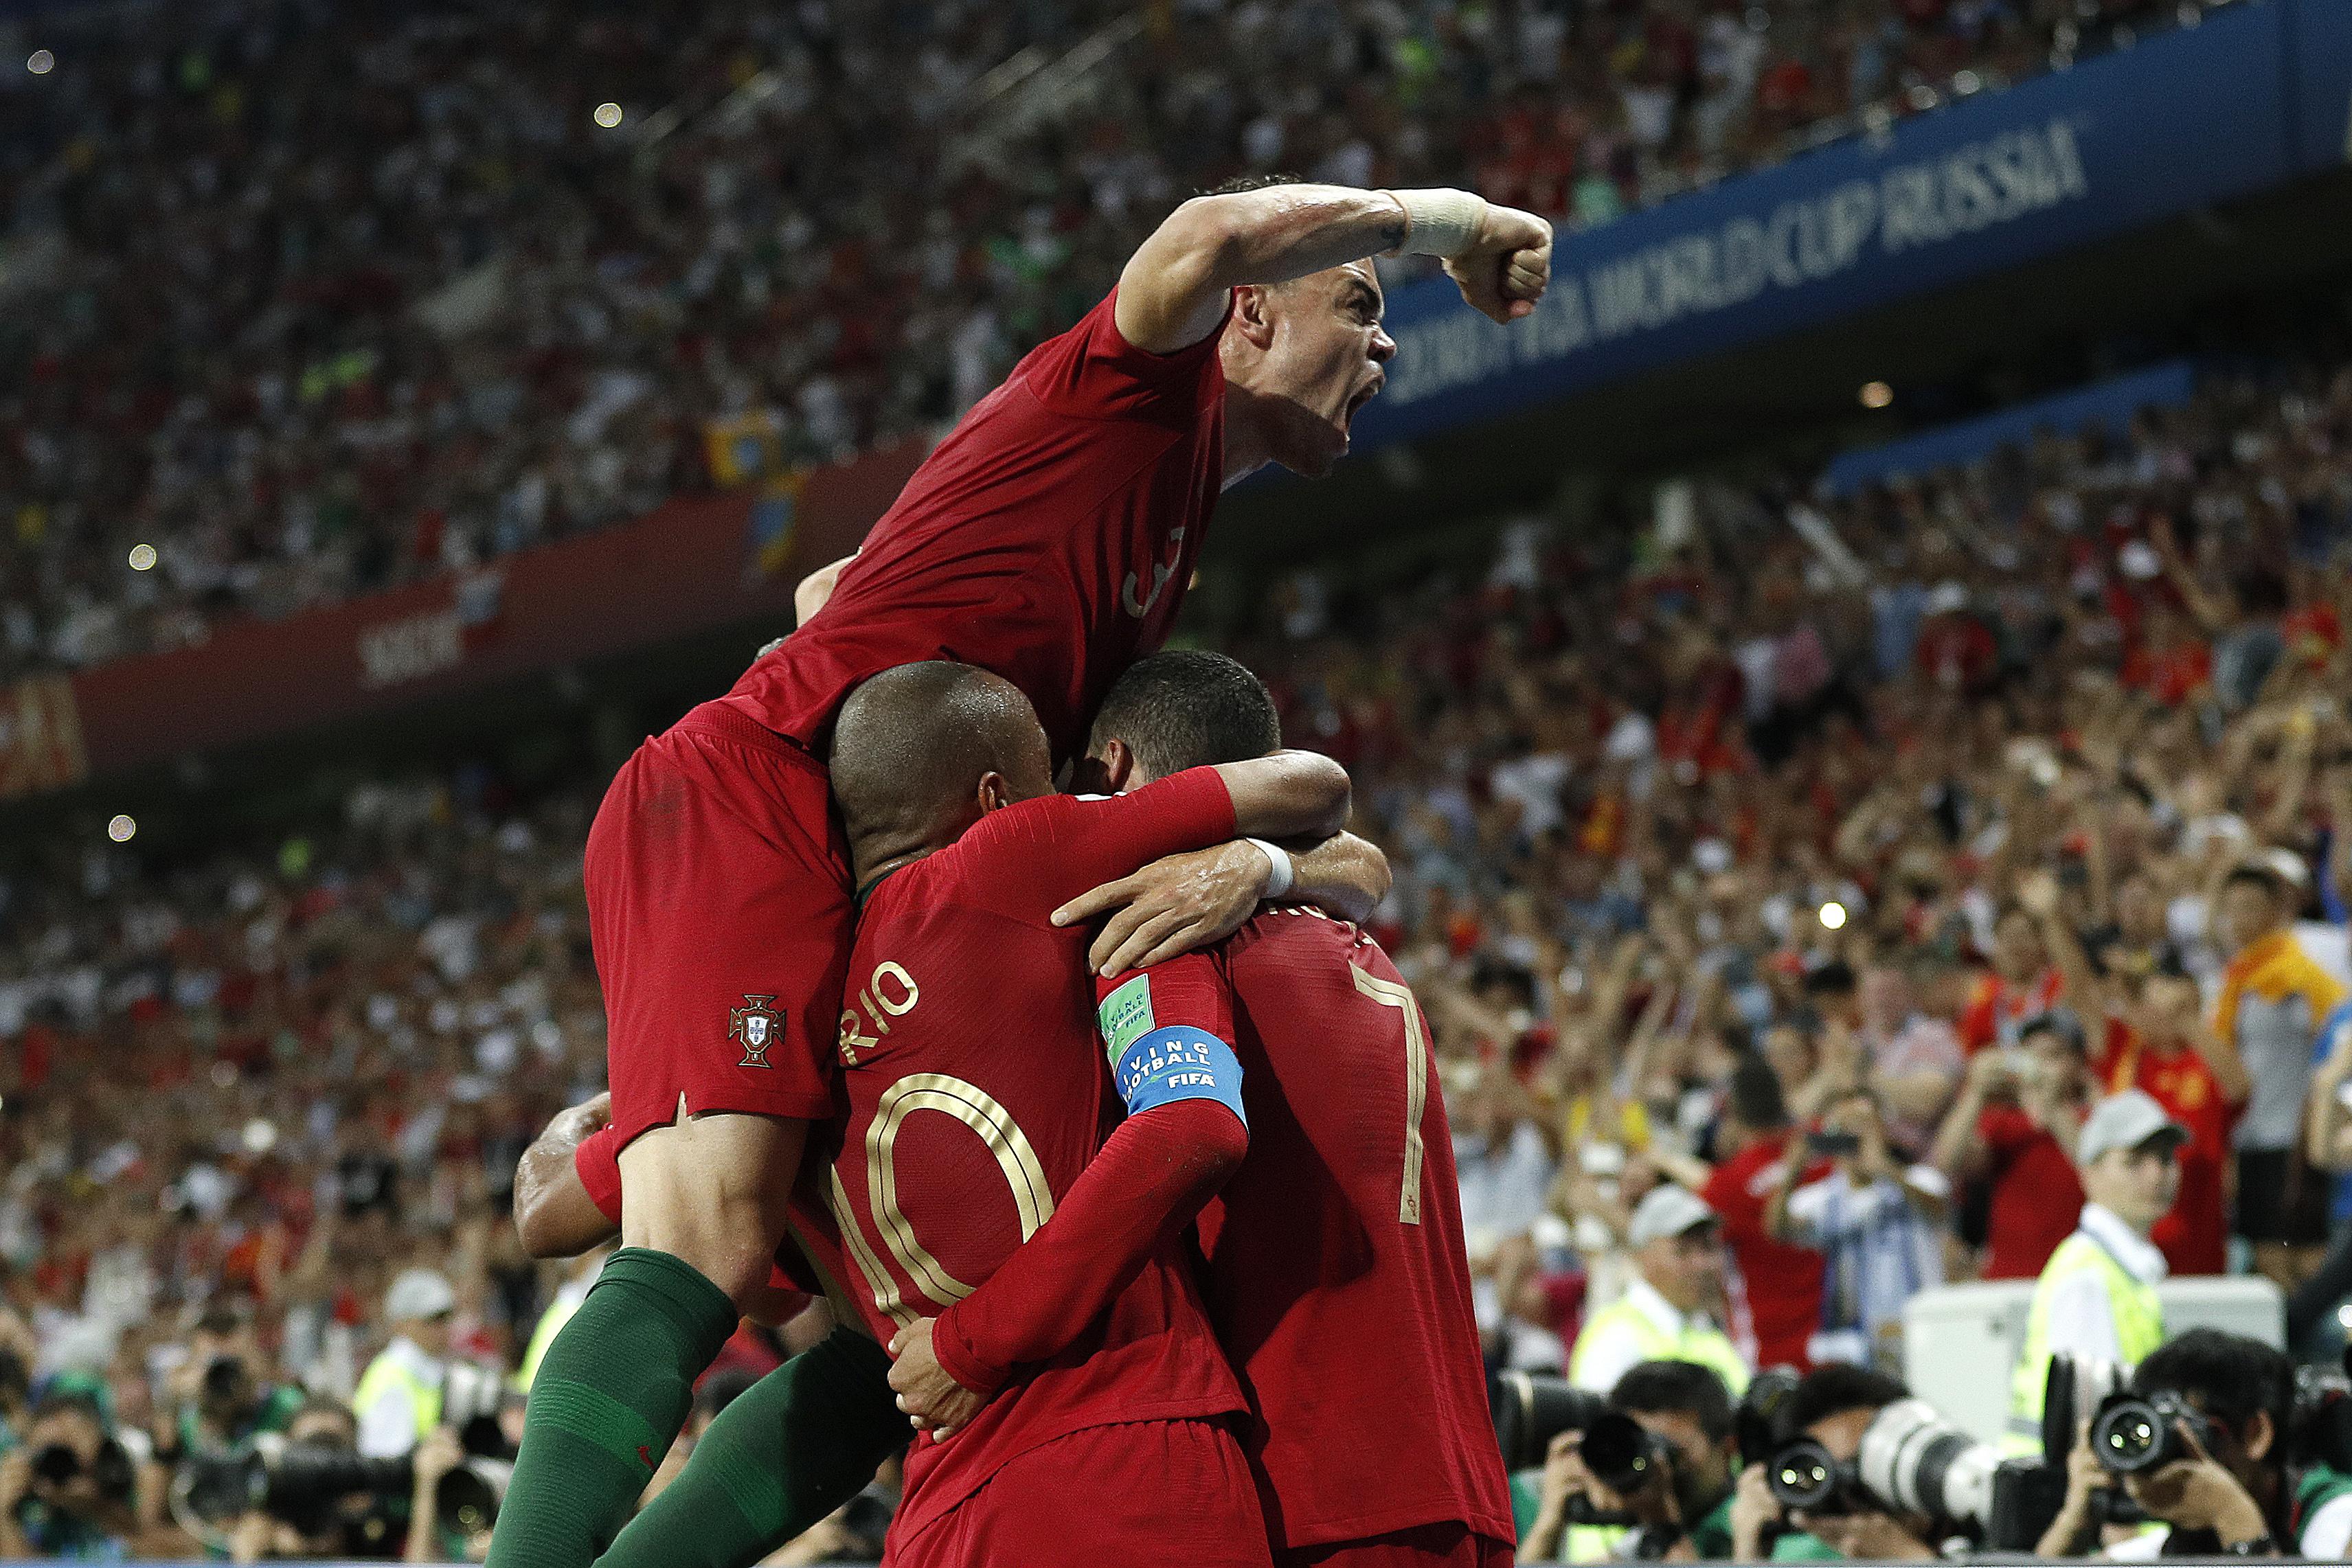 Nagyon észnél volt az egyik portugál, nehogy Ronaldo ölelgetése közben gólt kapjanak a spanyoloktól